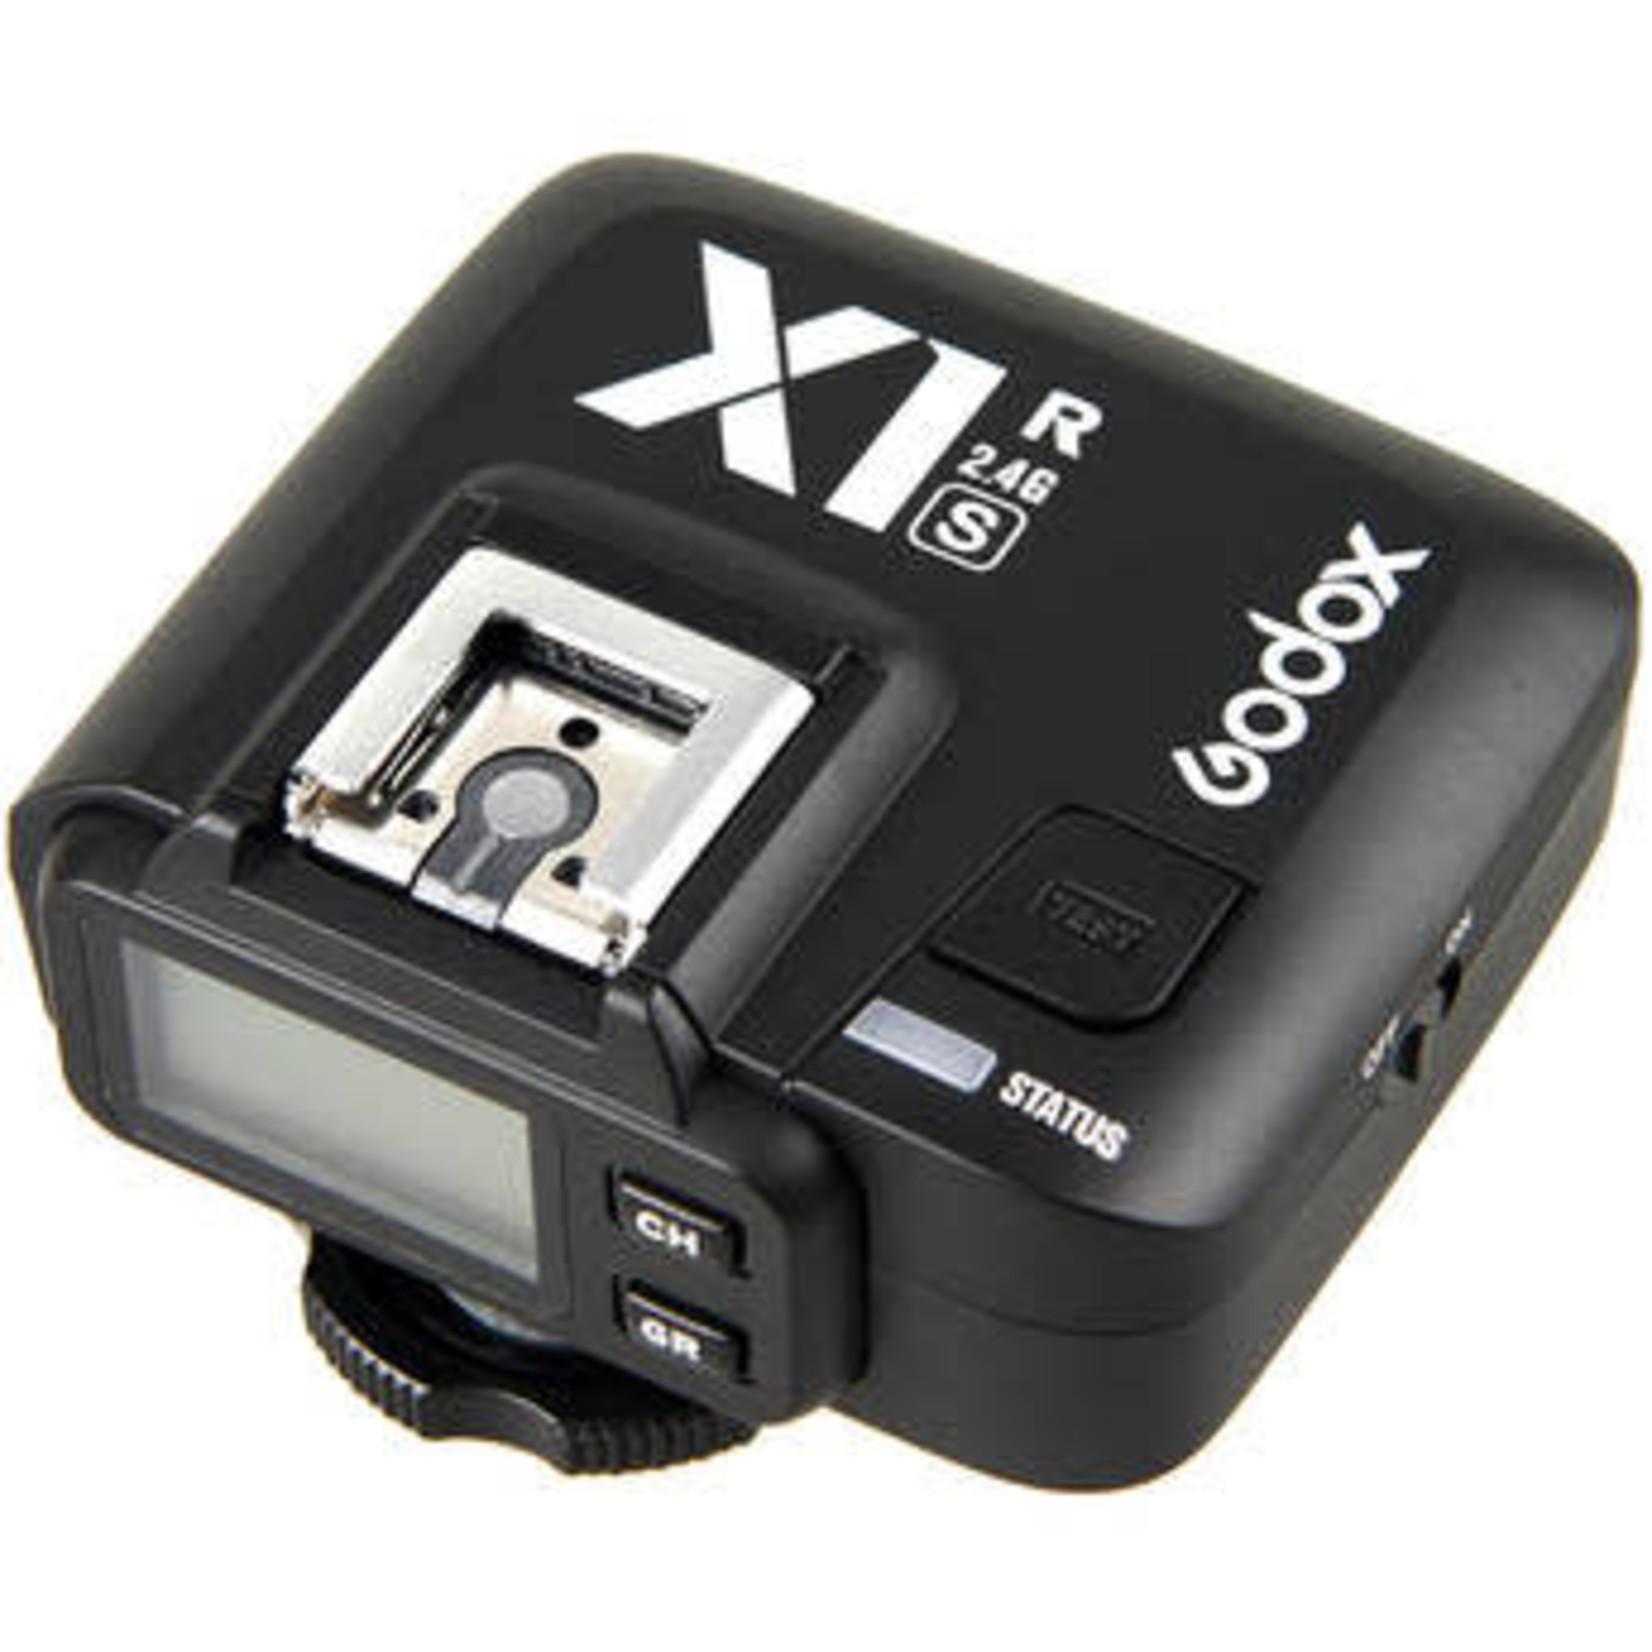 Godox GodoxX1R TTL Wireless Flash Receiver for Sony